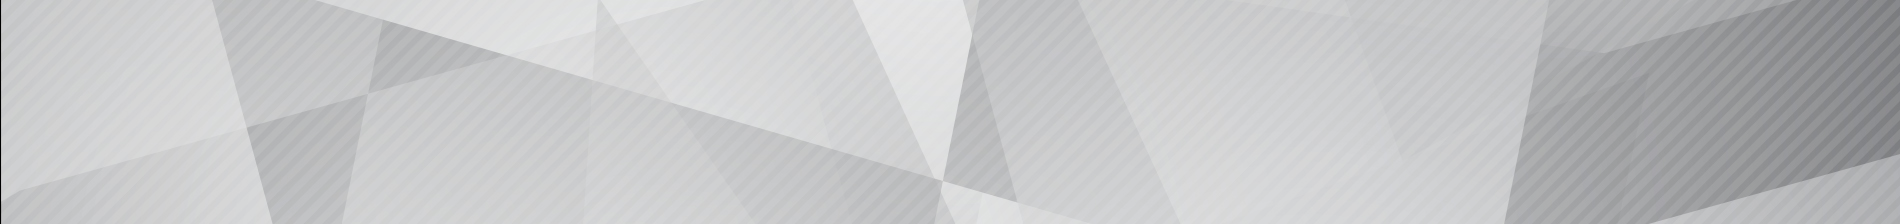 OURO PRETO - MG (XCO E XCC) - 2º ETAPA - Imagem de topo